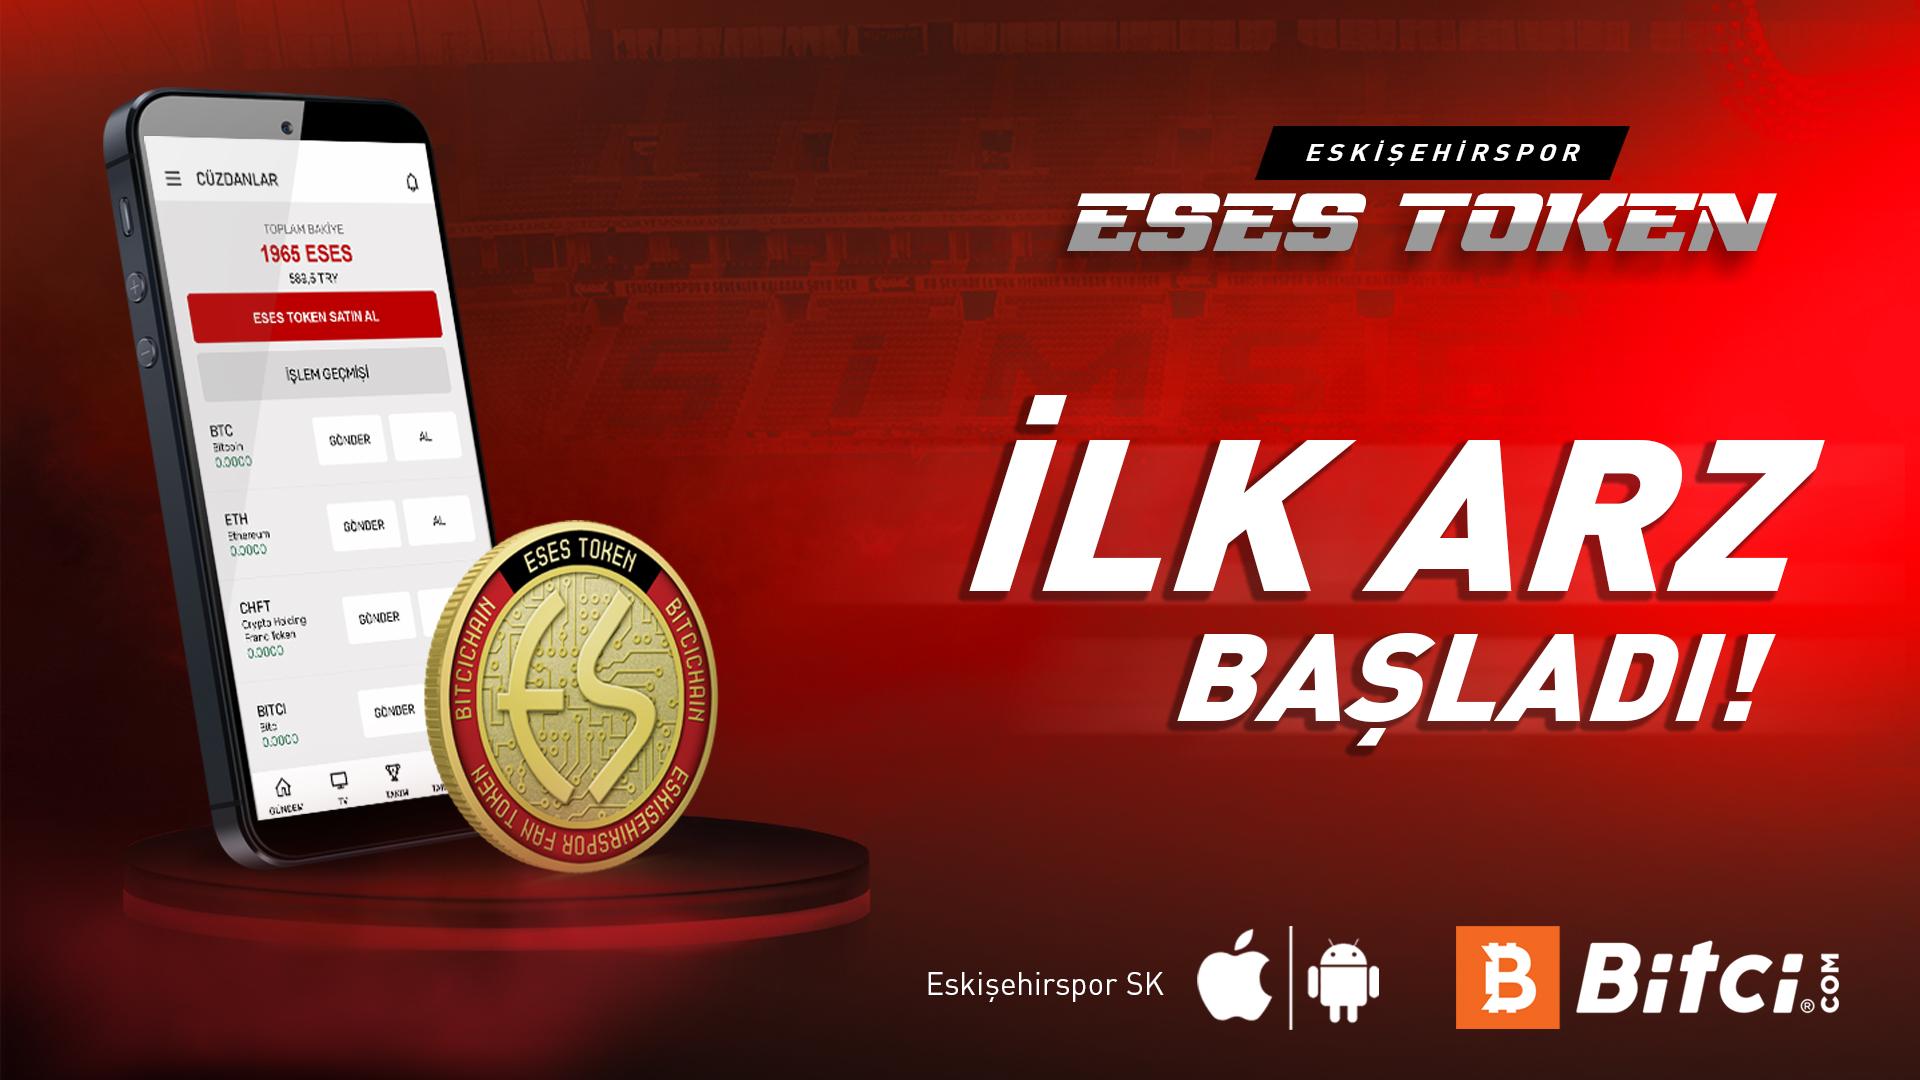 Eskişehirspor'da ilk arz başladı